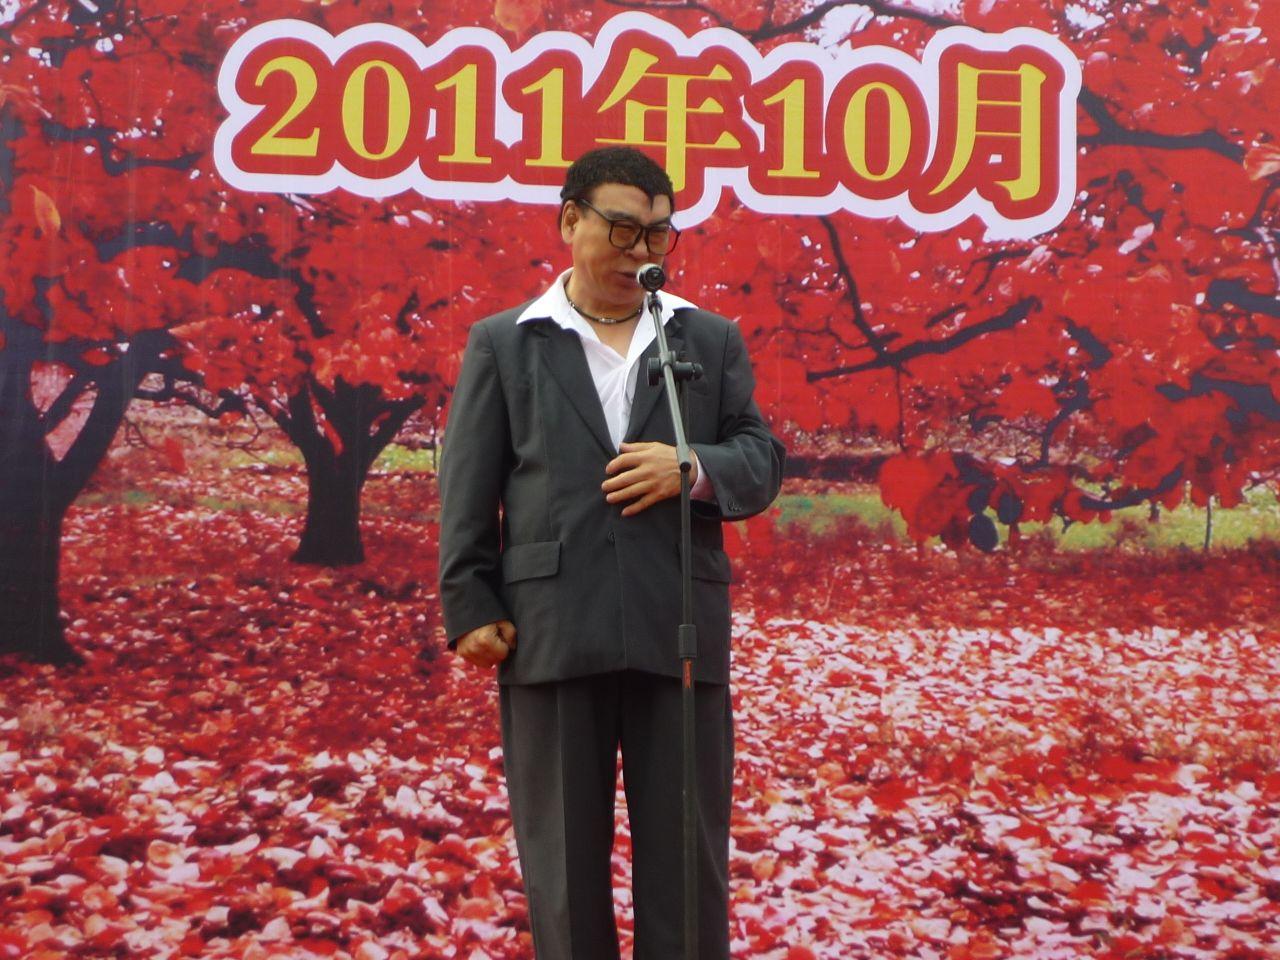 迎柿子节图画_柿子节手抄报